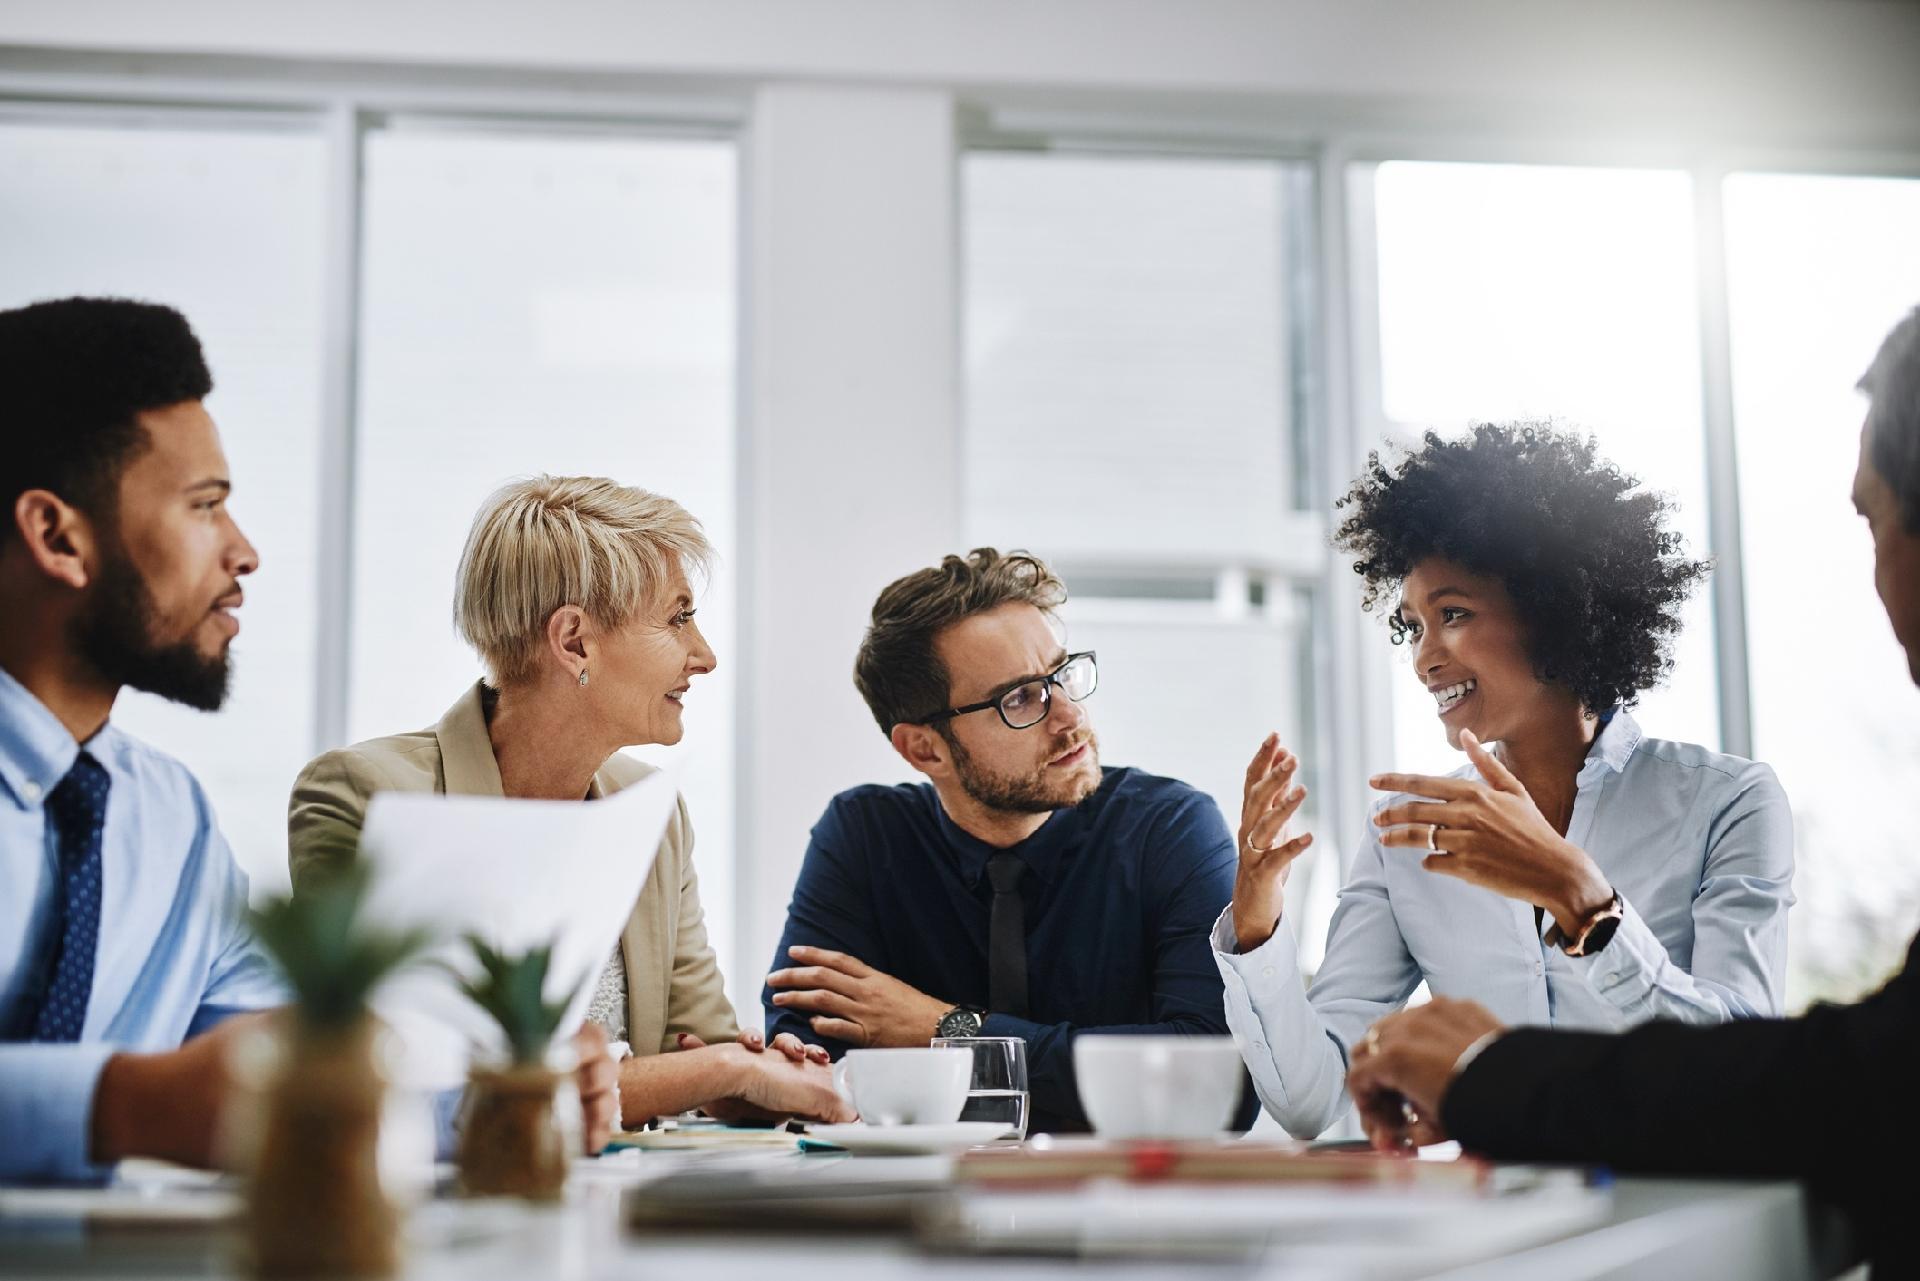 fcb71a87e2 Diversidade na firma: plataformas ajudarão a ver se empresas são inclusivas  - 17/11/2018 - UOL Universa